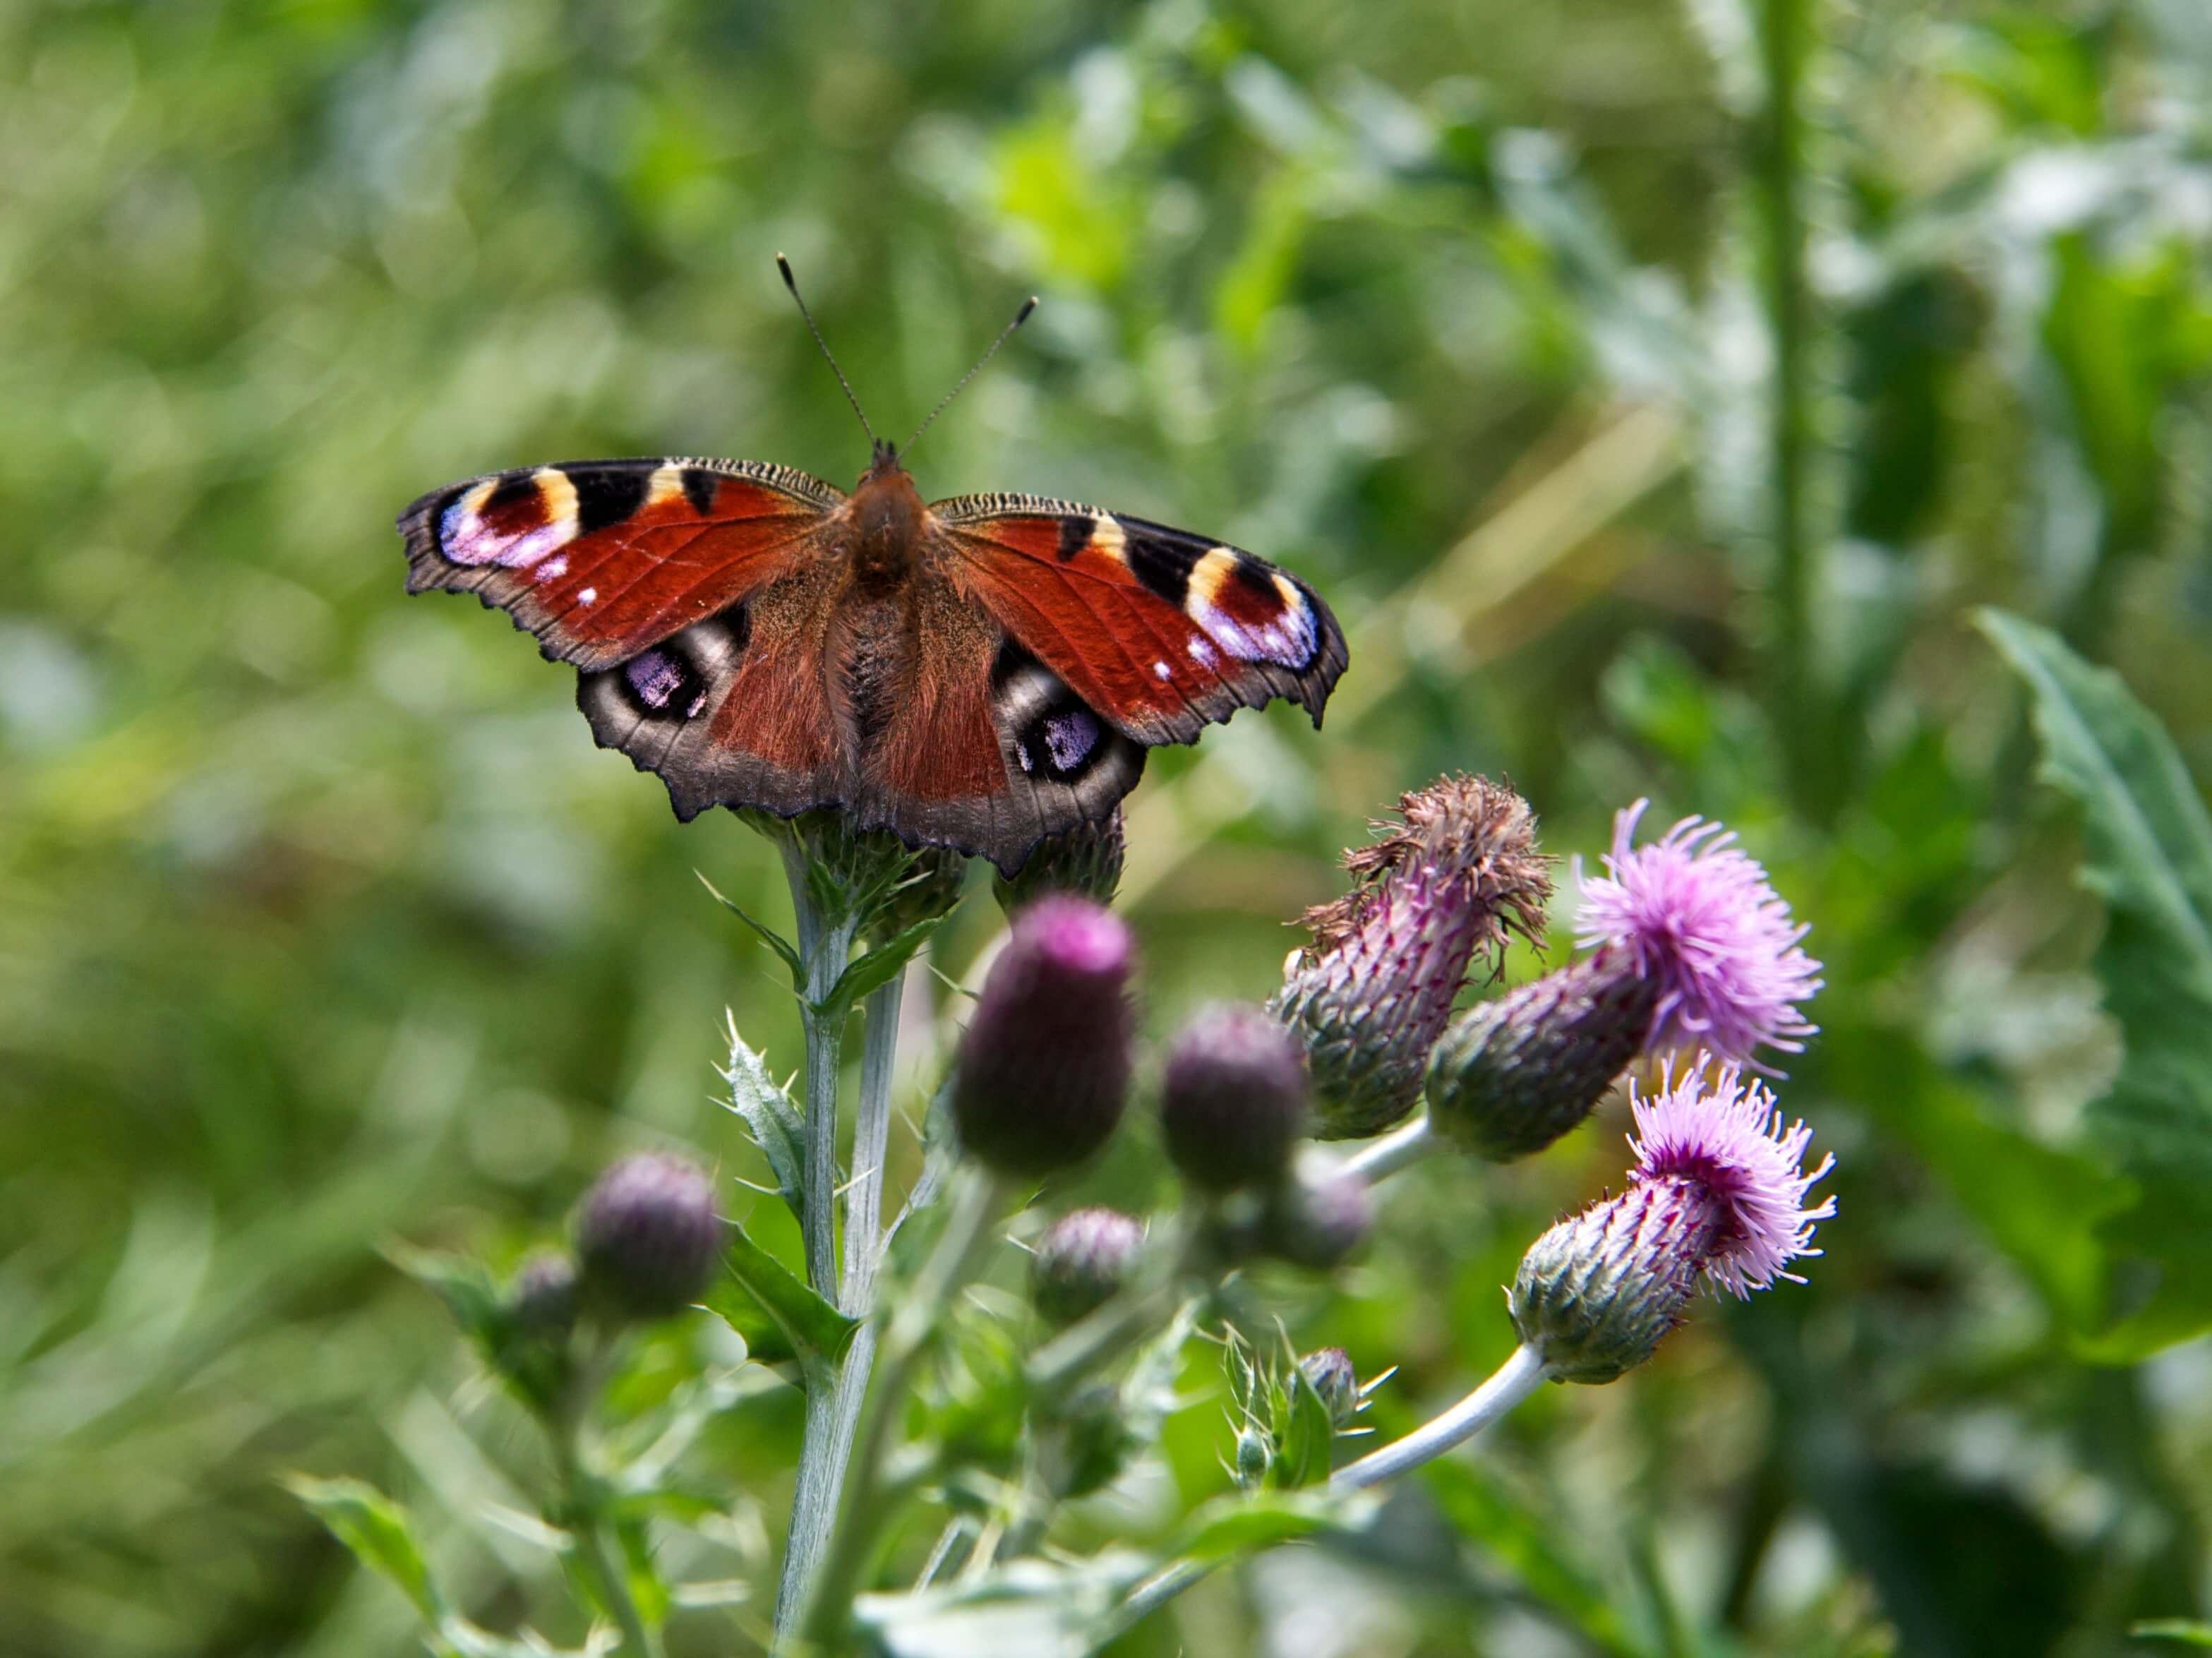 Foto uit het tuinboek 'Plantwijzer'